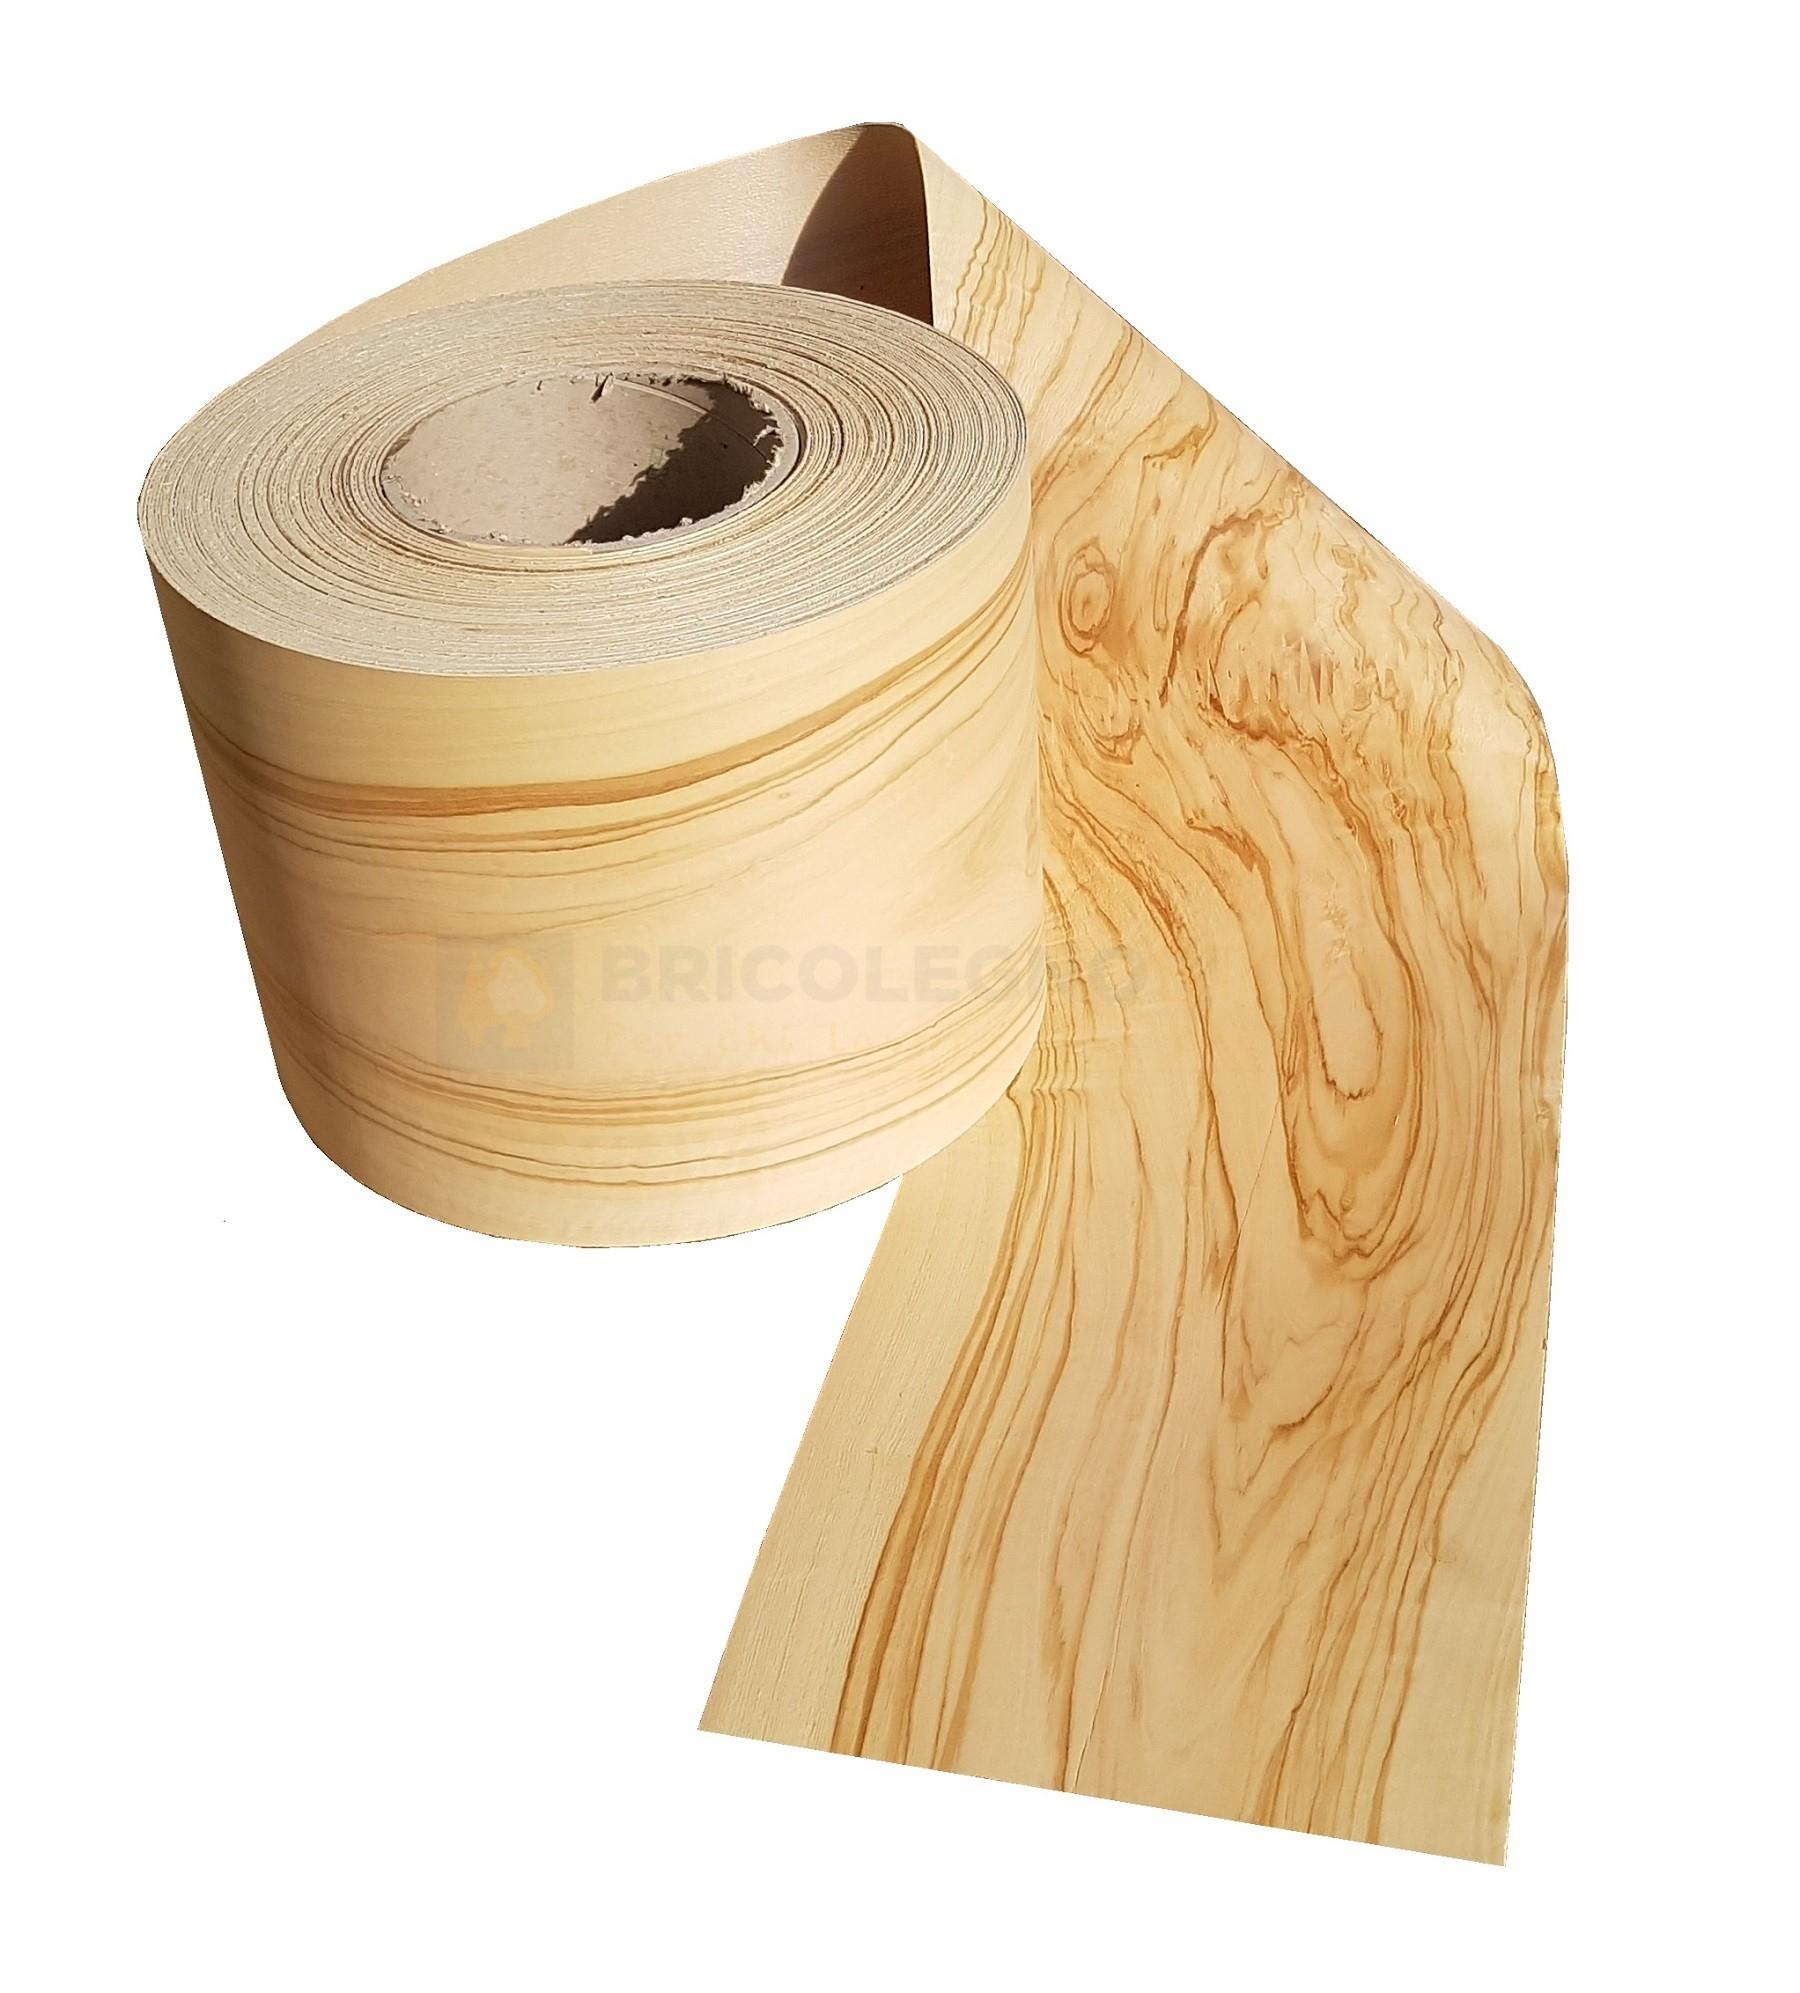 Impiallacciatura 10 tipi d legno Trancciati piallacci fogli di legno